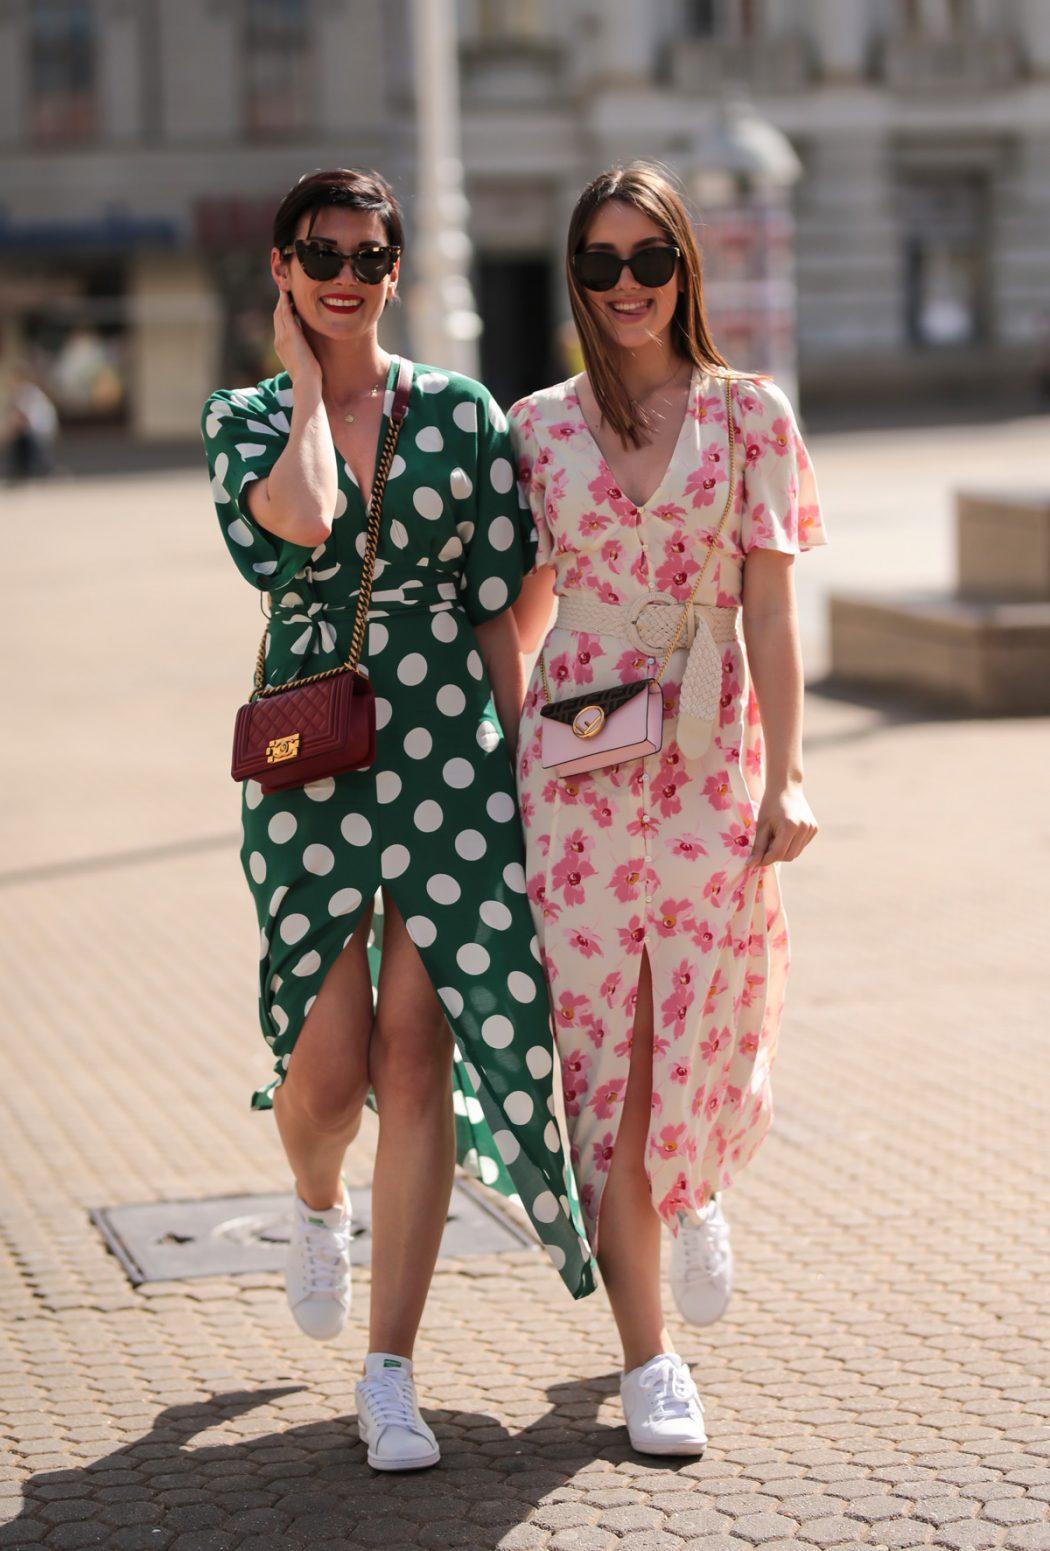 Šarmantni mama i kćer look u lepršavim proljetnim haljinama